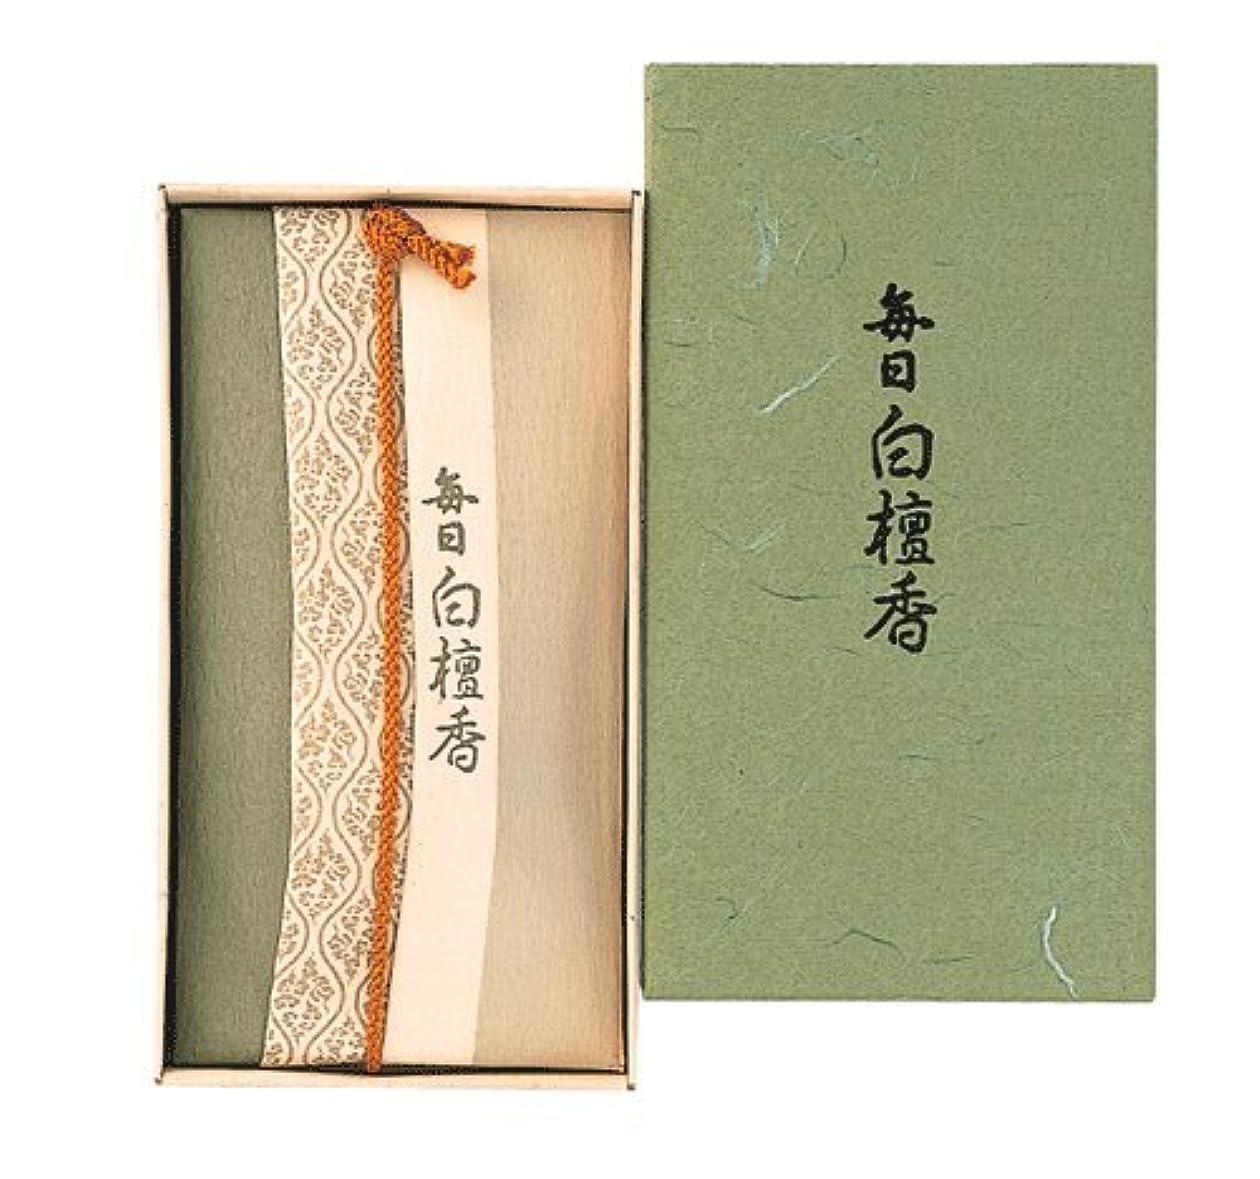 引き渡す北東抹消香木の香りのお香 毎日白檀香 コーン24個入【お香】